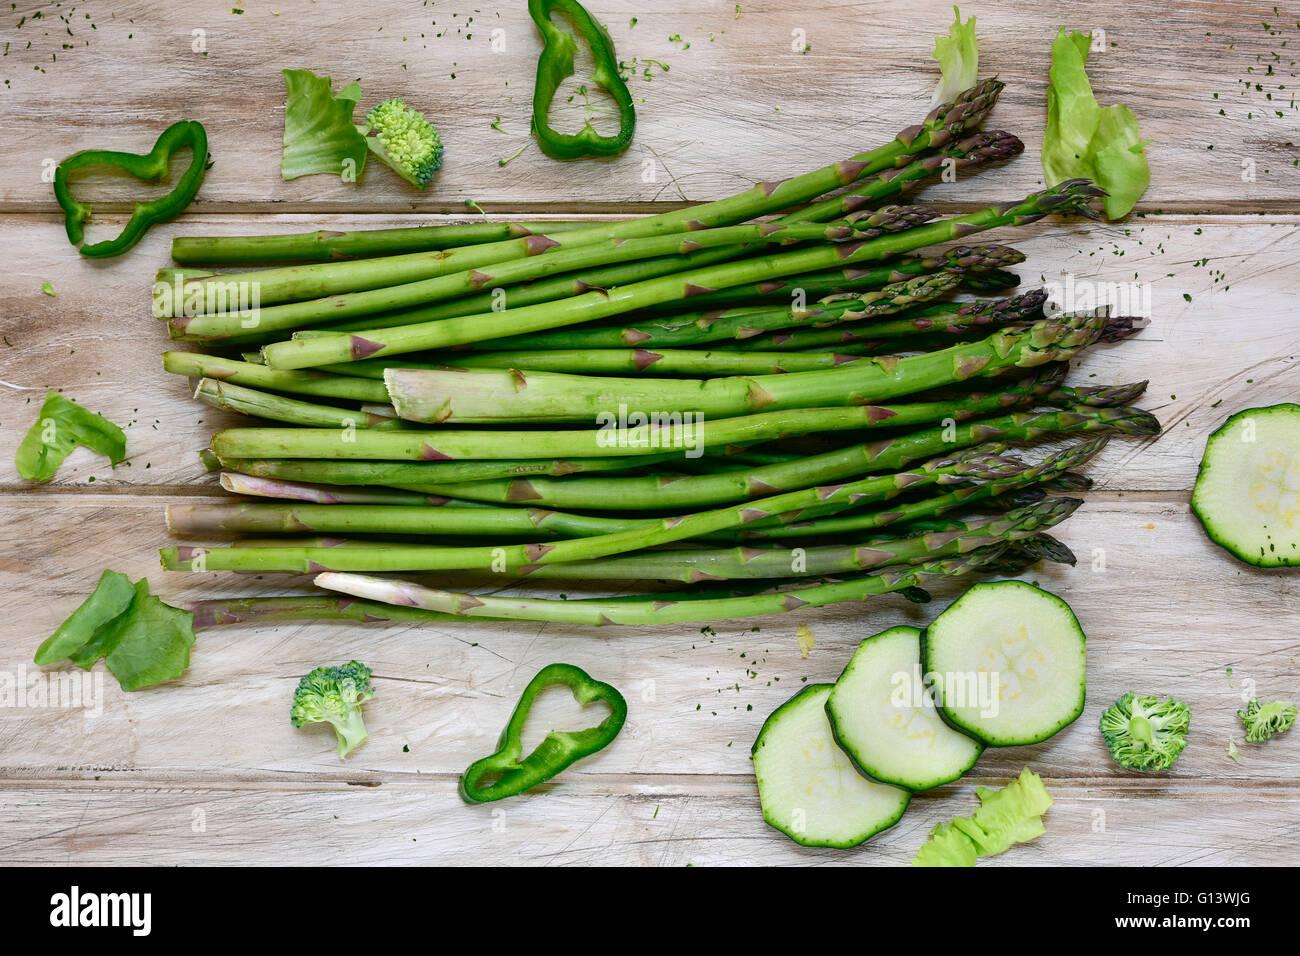 Disparo de alto ángulo de diferentes materias vegetales verdes, tales como el pimiento verde, espárragos, Imagen De Stock